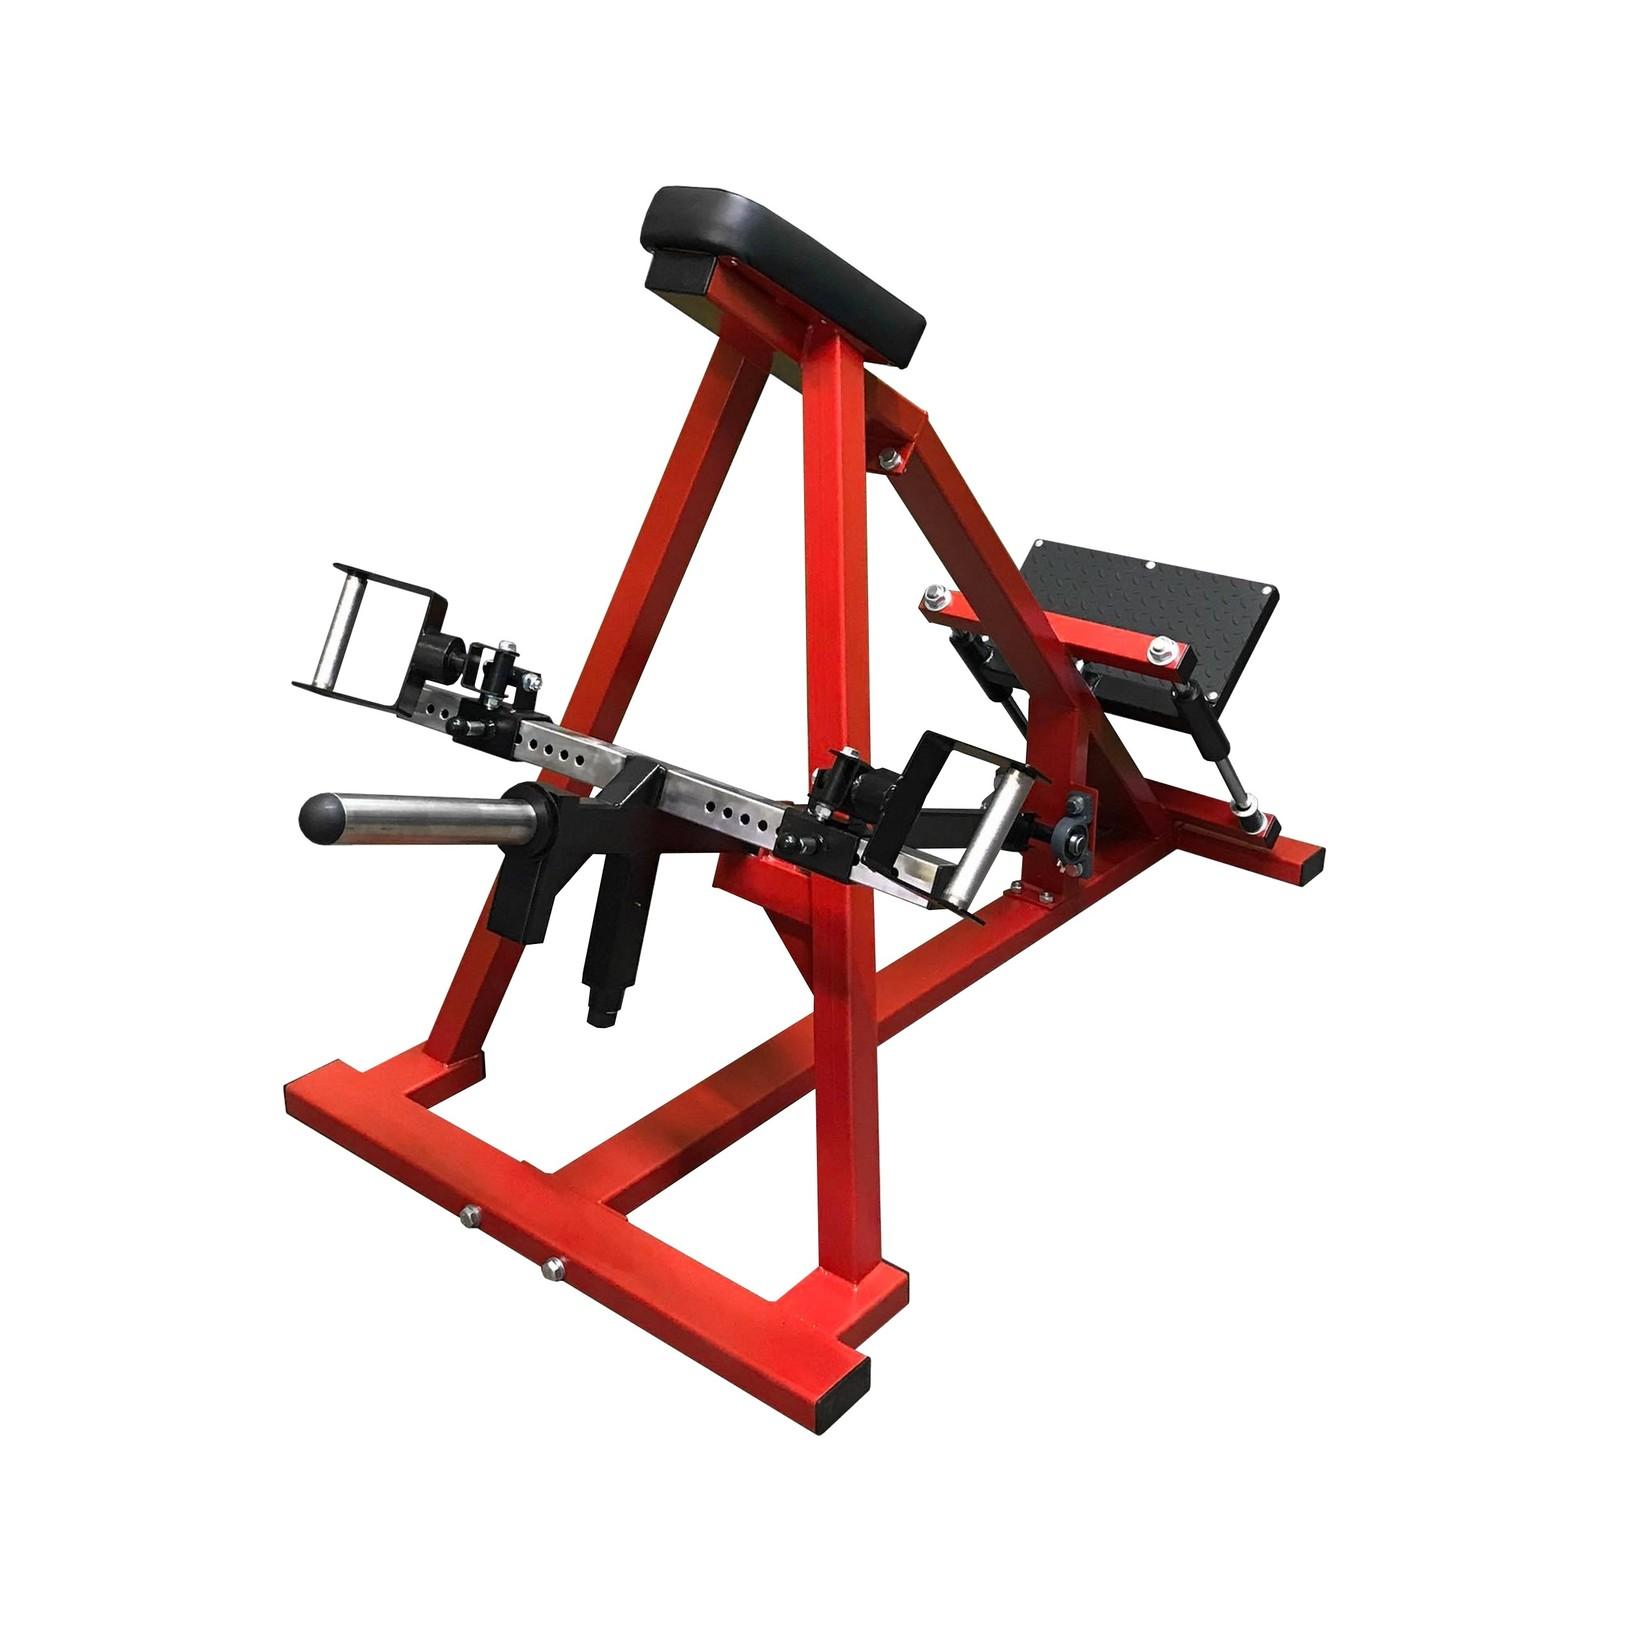 T-bar Row Machine 1LXX